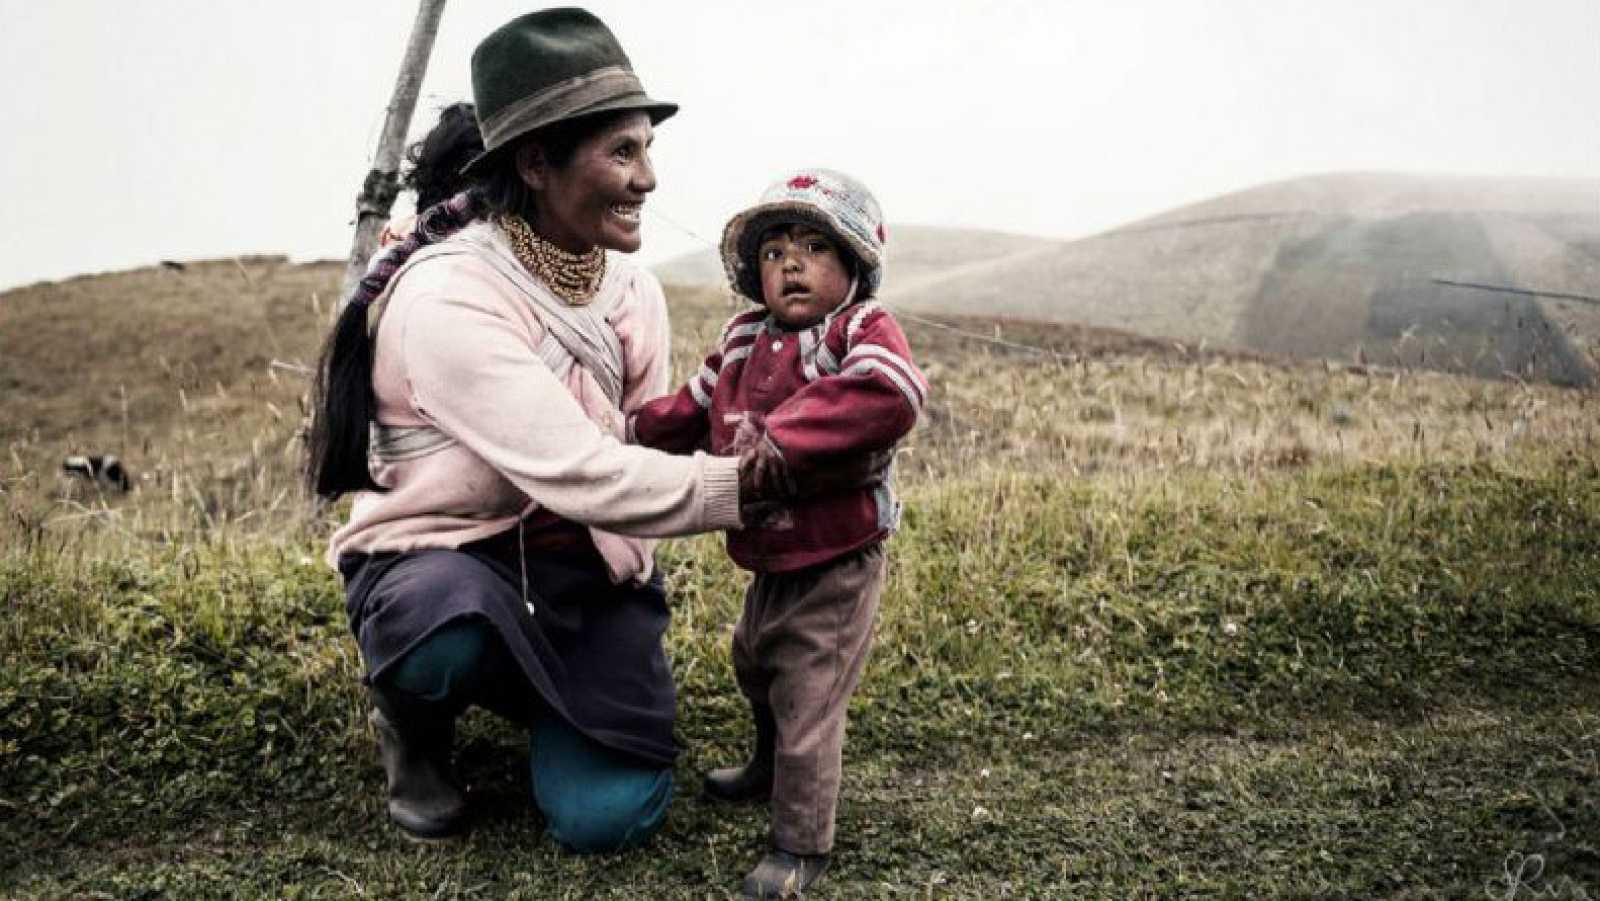 Hora América - 'Somos Tierra', primera exposición en España del montañero y fotógrafo ecuatoriano Juan Sebastián Rodríguez - 11/02/21 - escuchar ahora